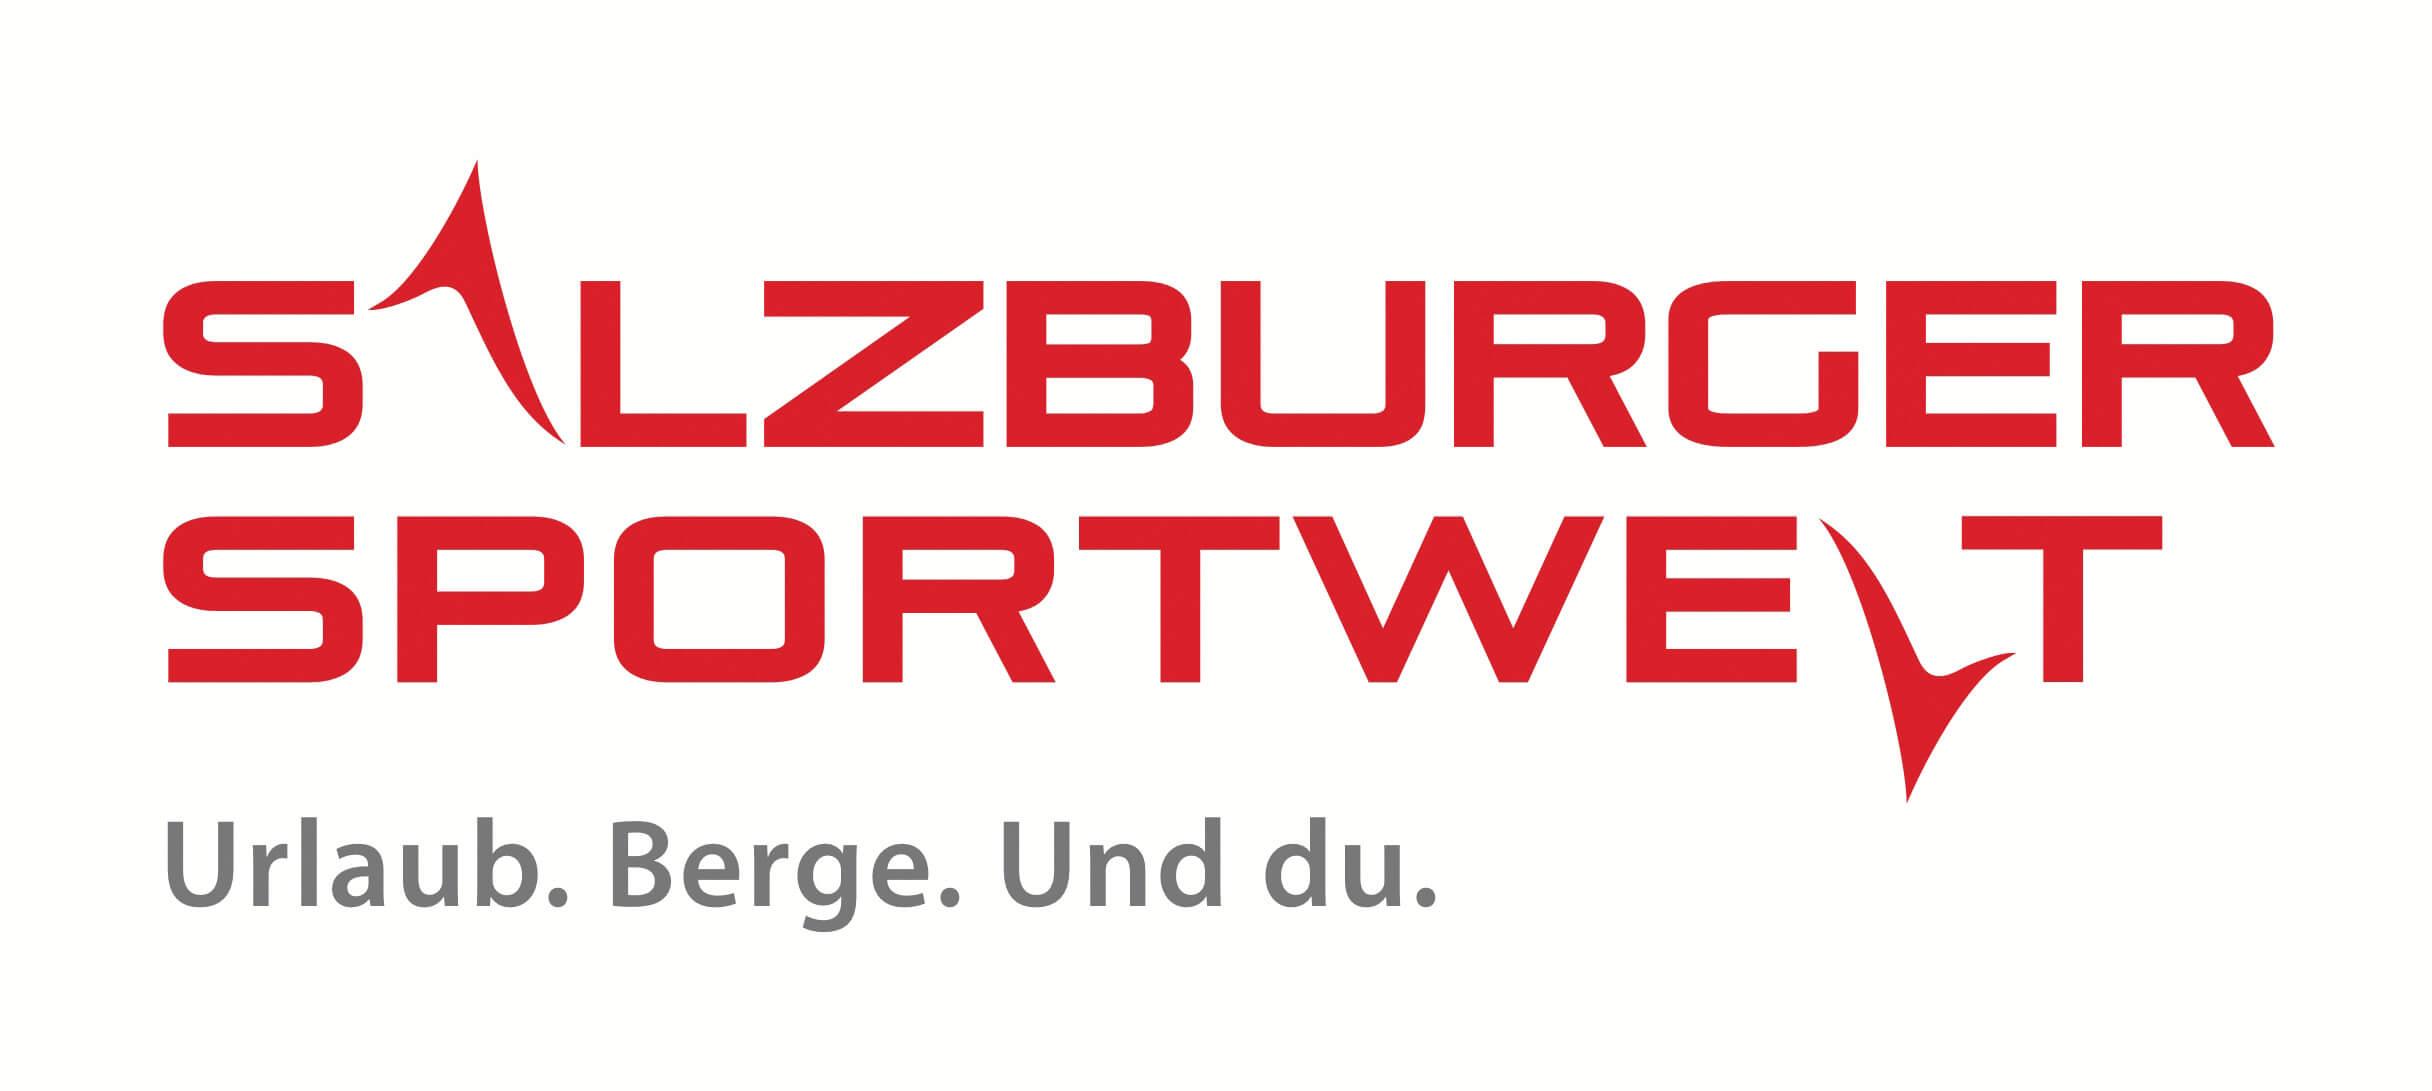 Tauernhof Flachau logo Salzburgersportwelt